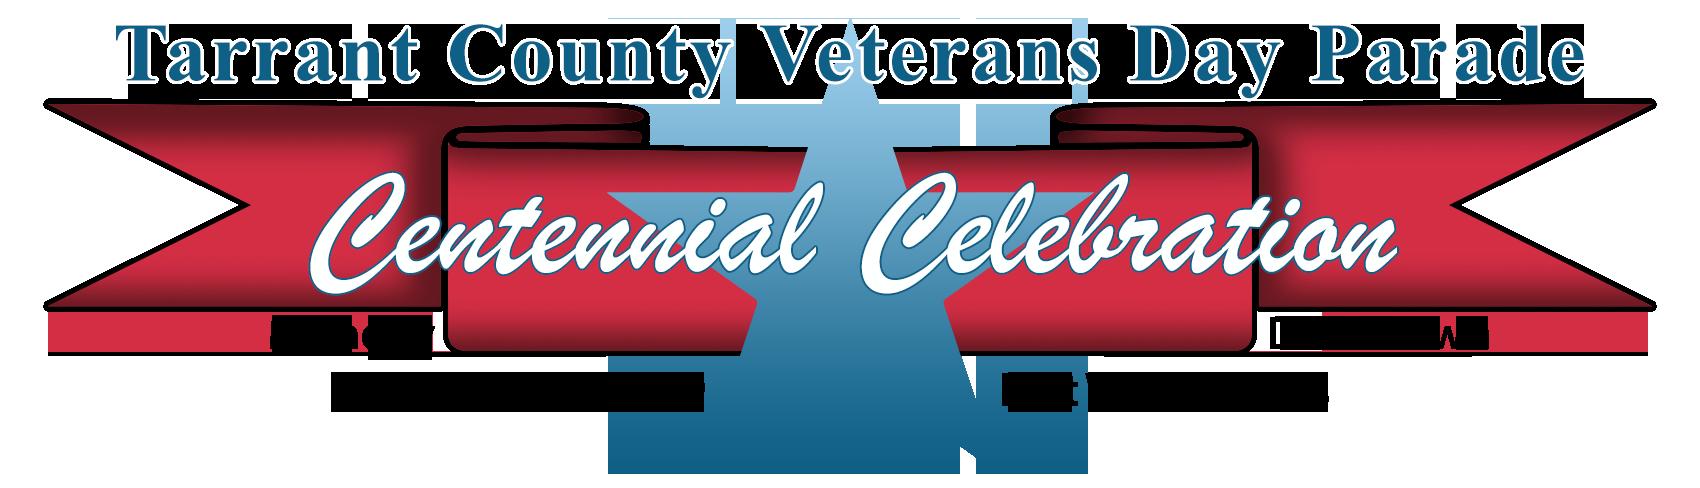 Tarrant County Veterans Day Parade | 11.11.19